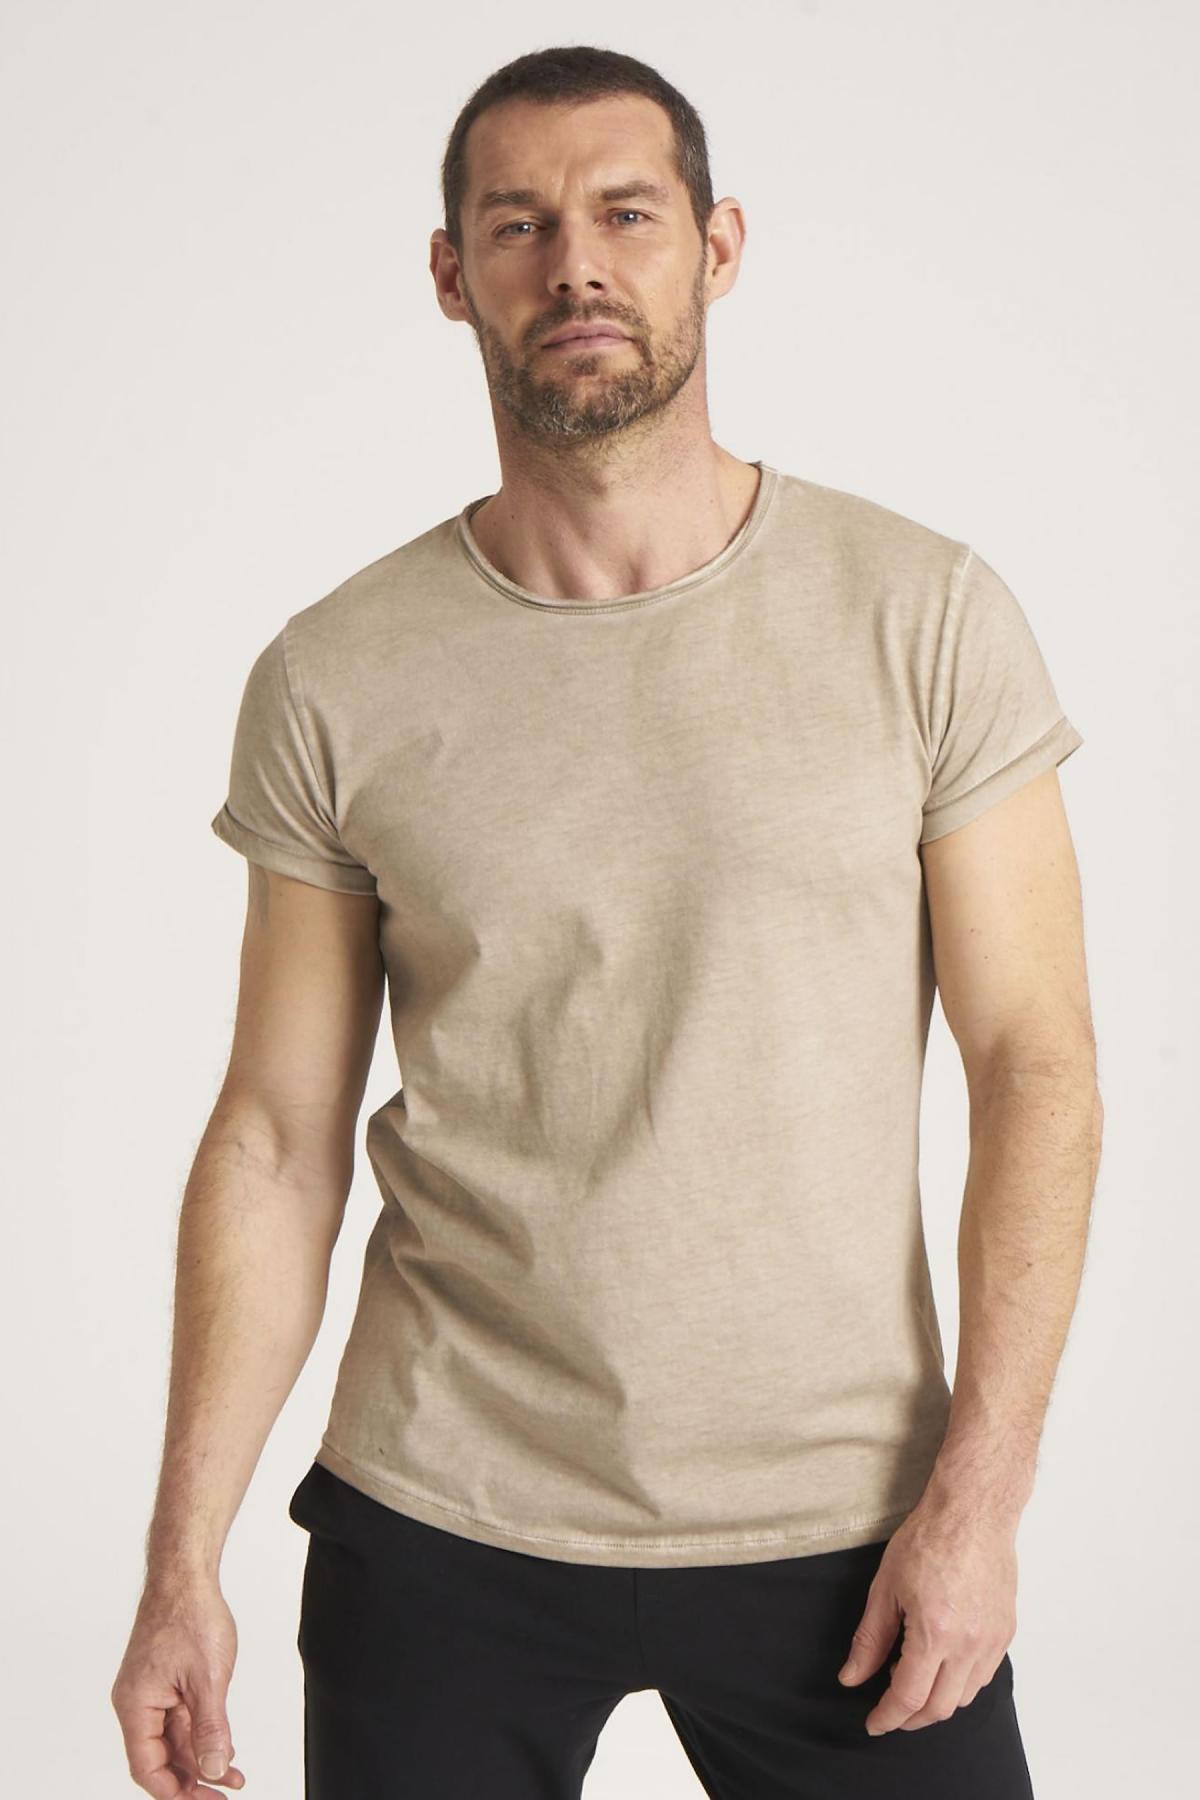 Vintage Effect T-Shirt newces-5000-VS